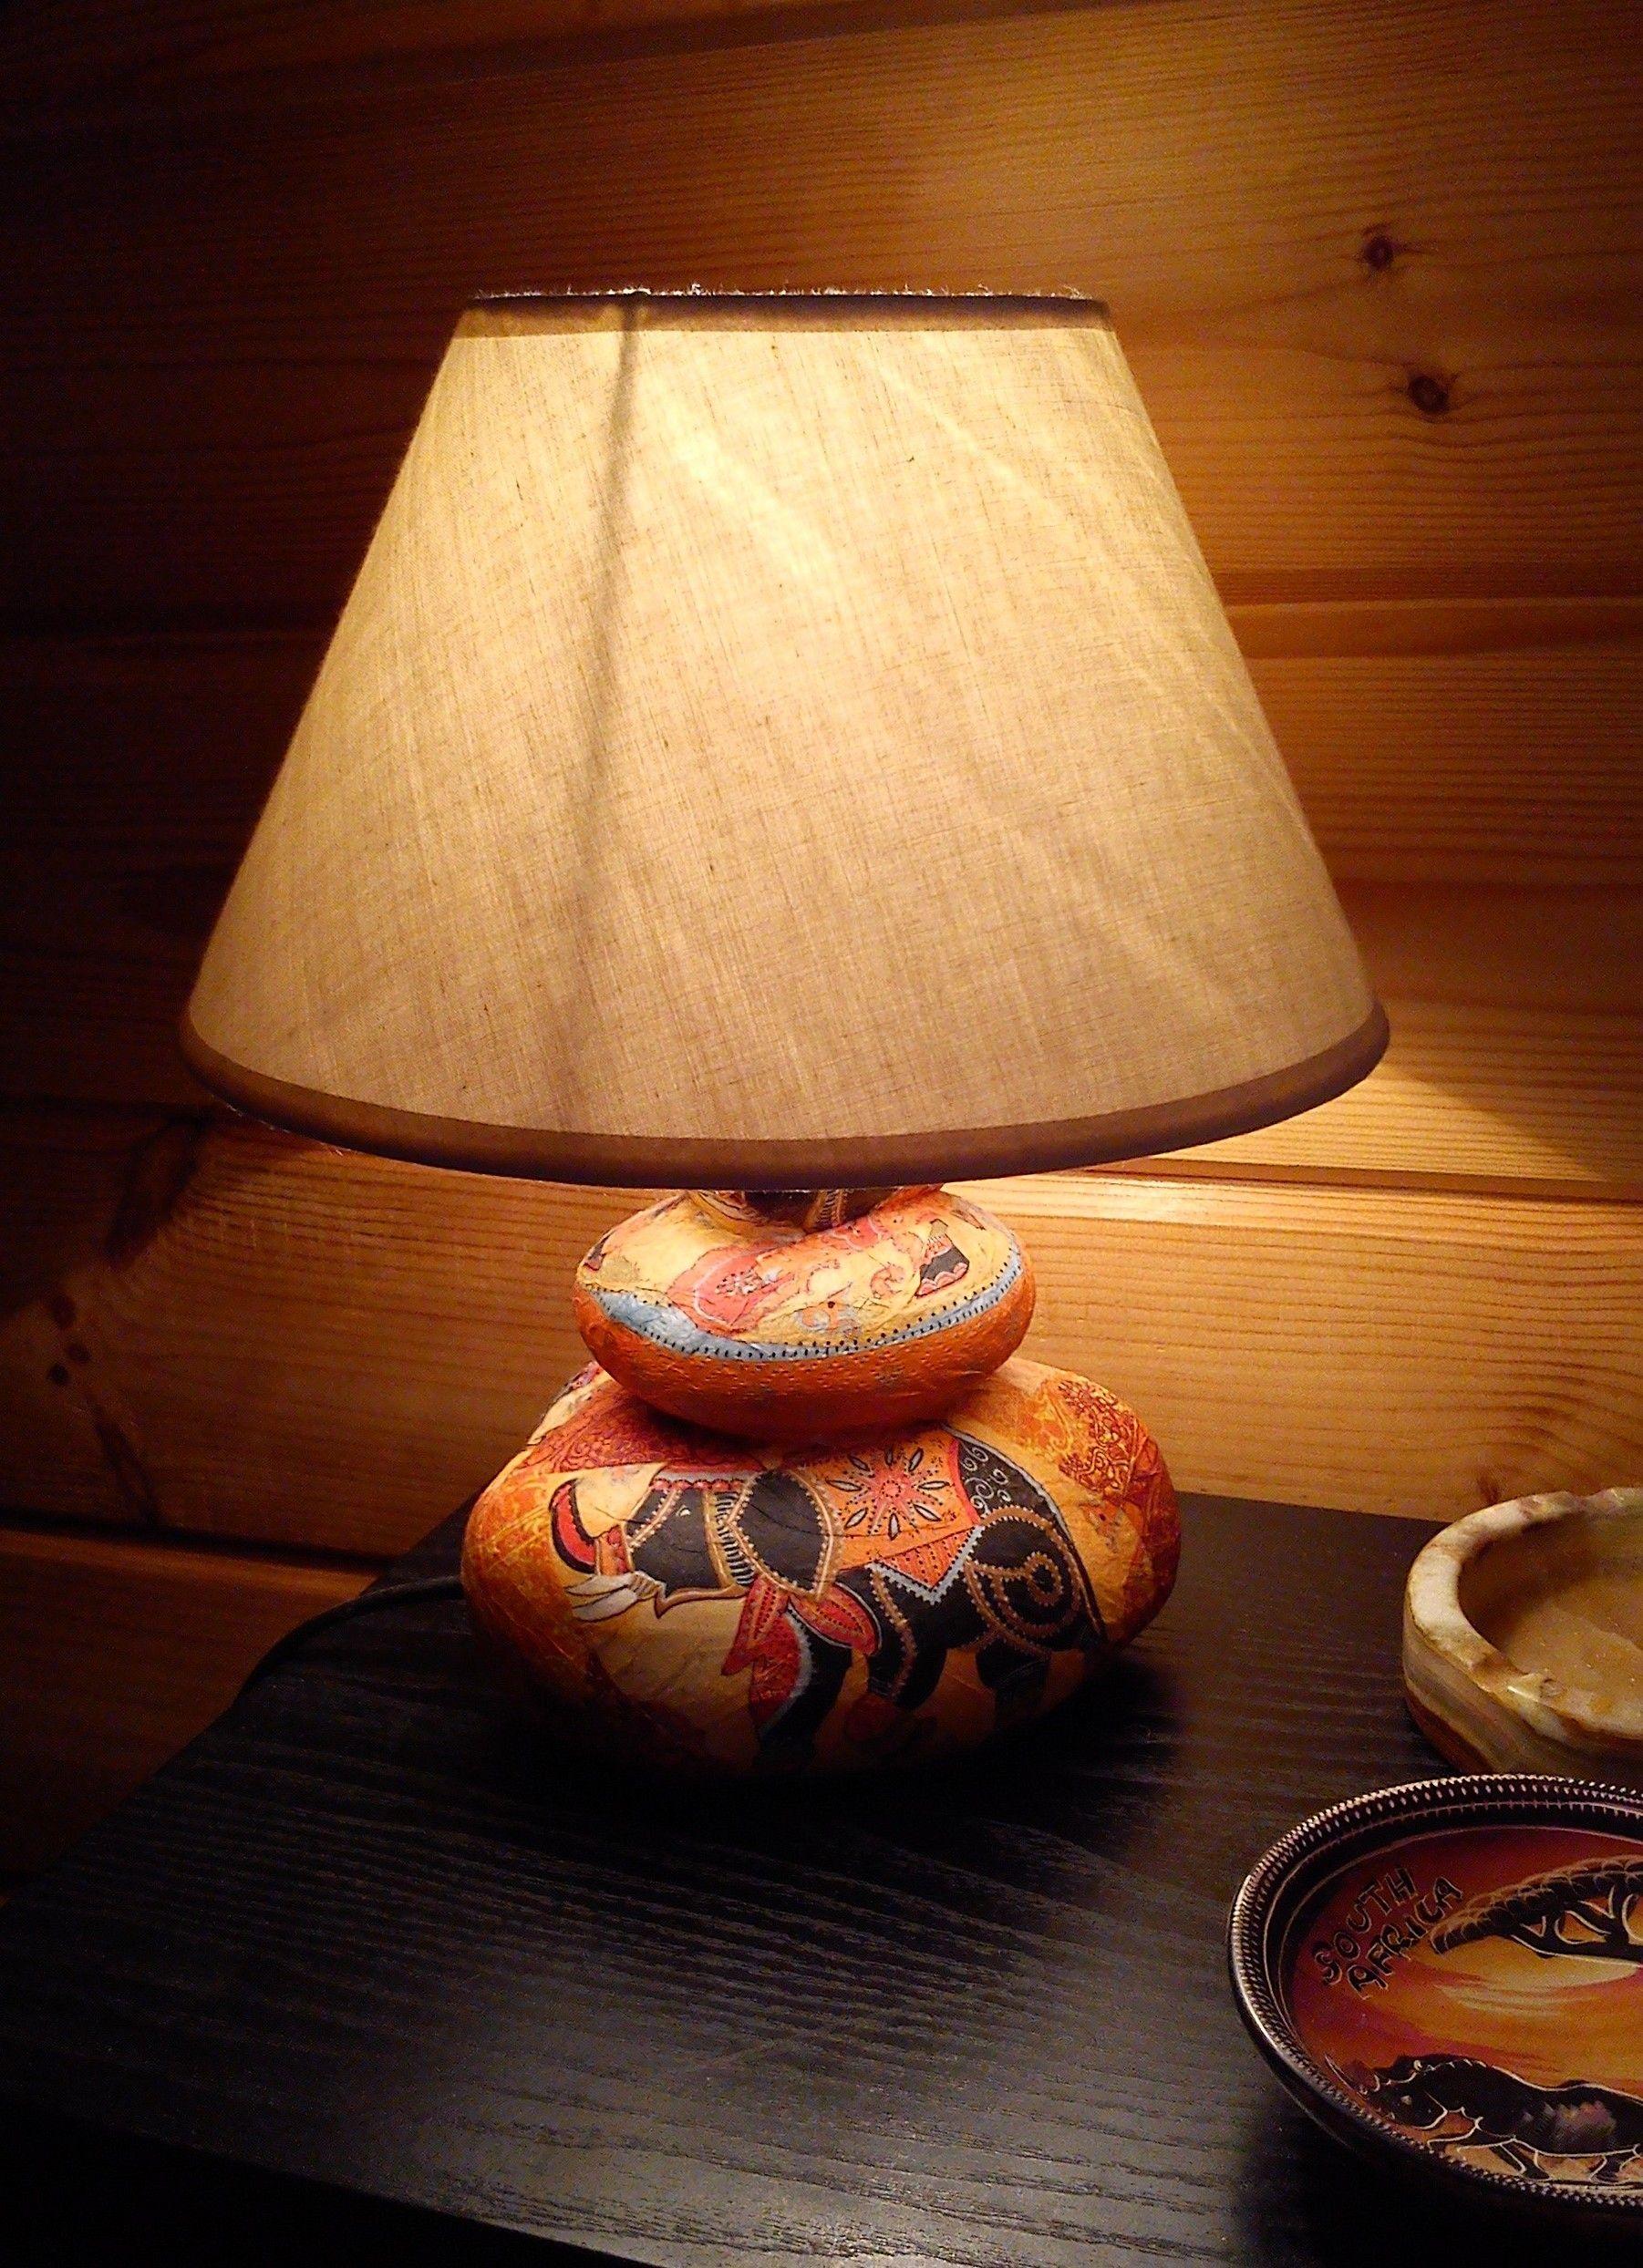 Decoration D Un Pied De Lampe Avec Collage De Serviettes En Papier